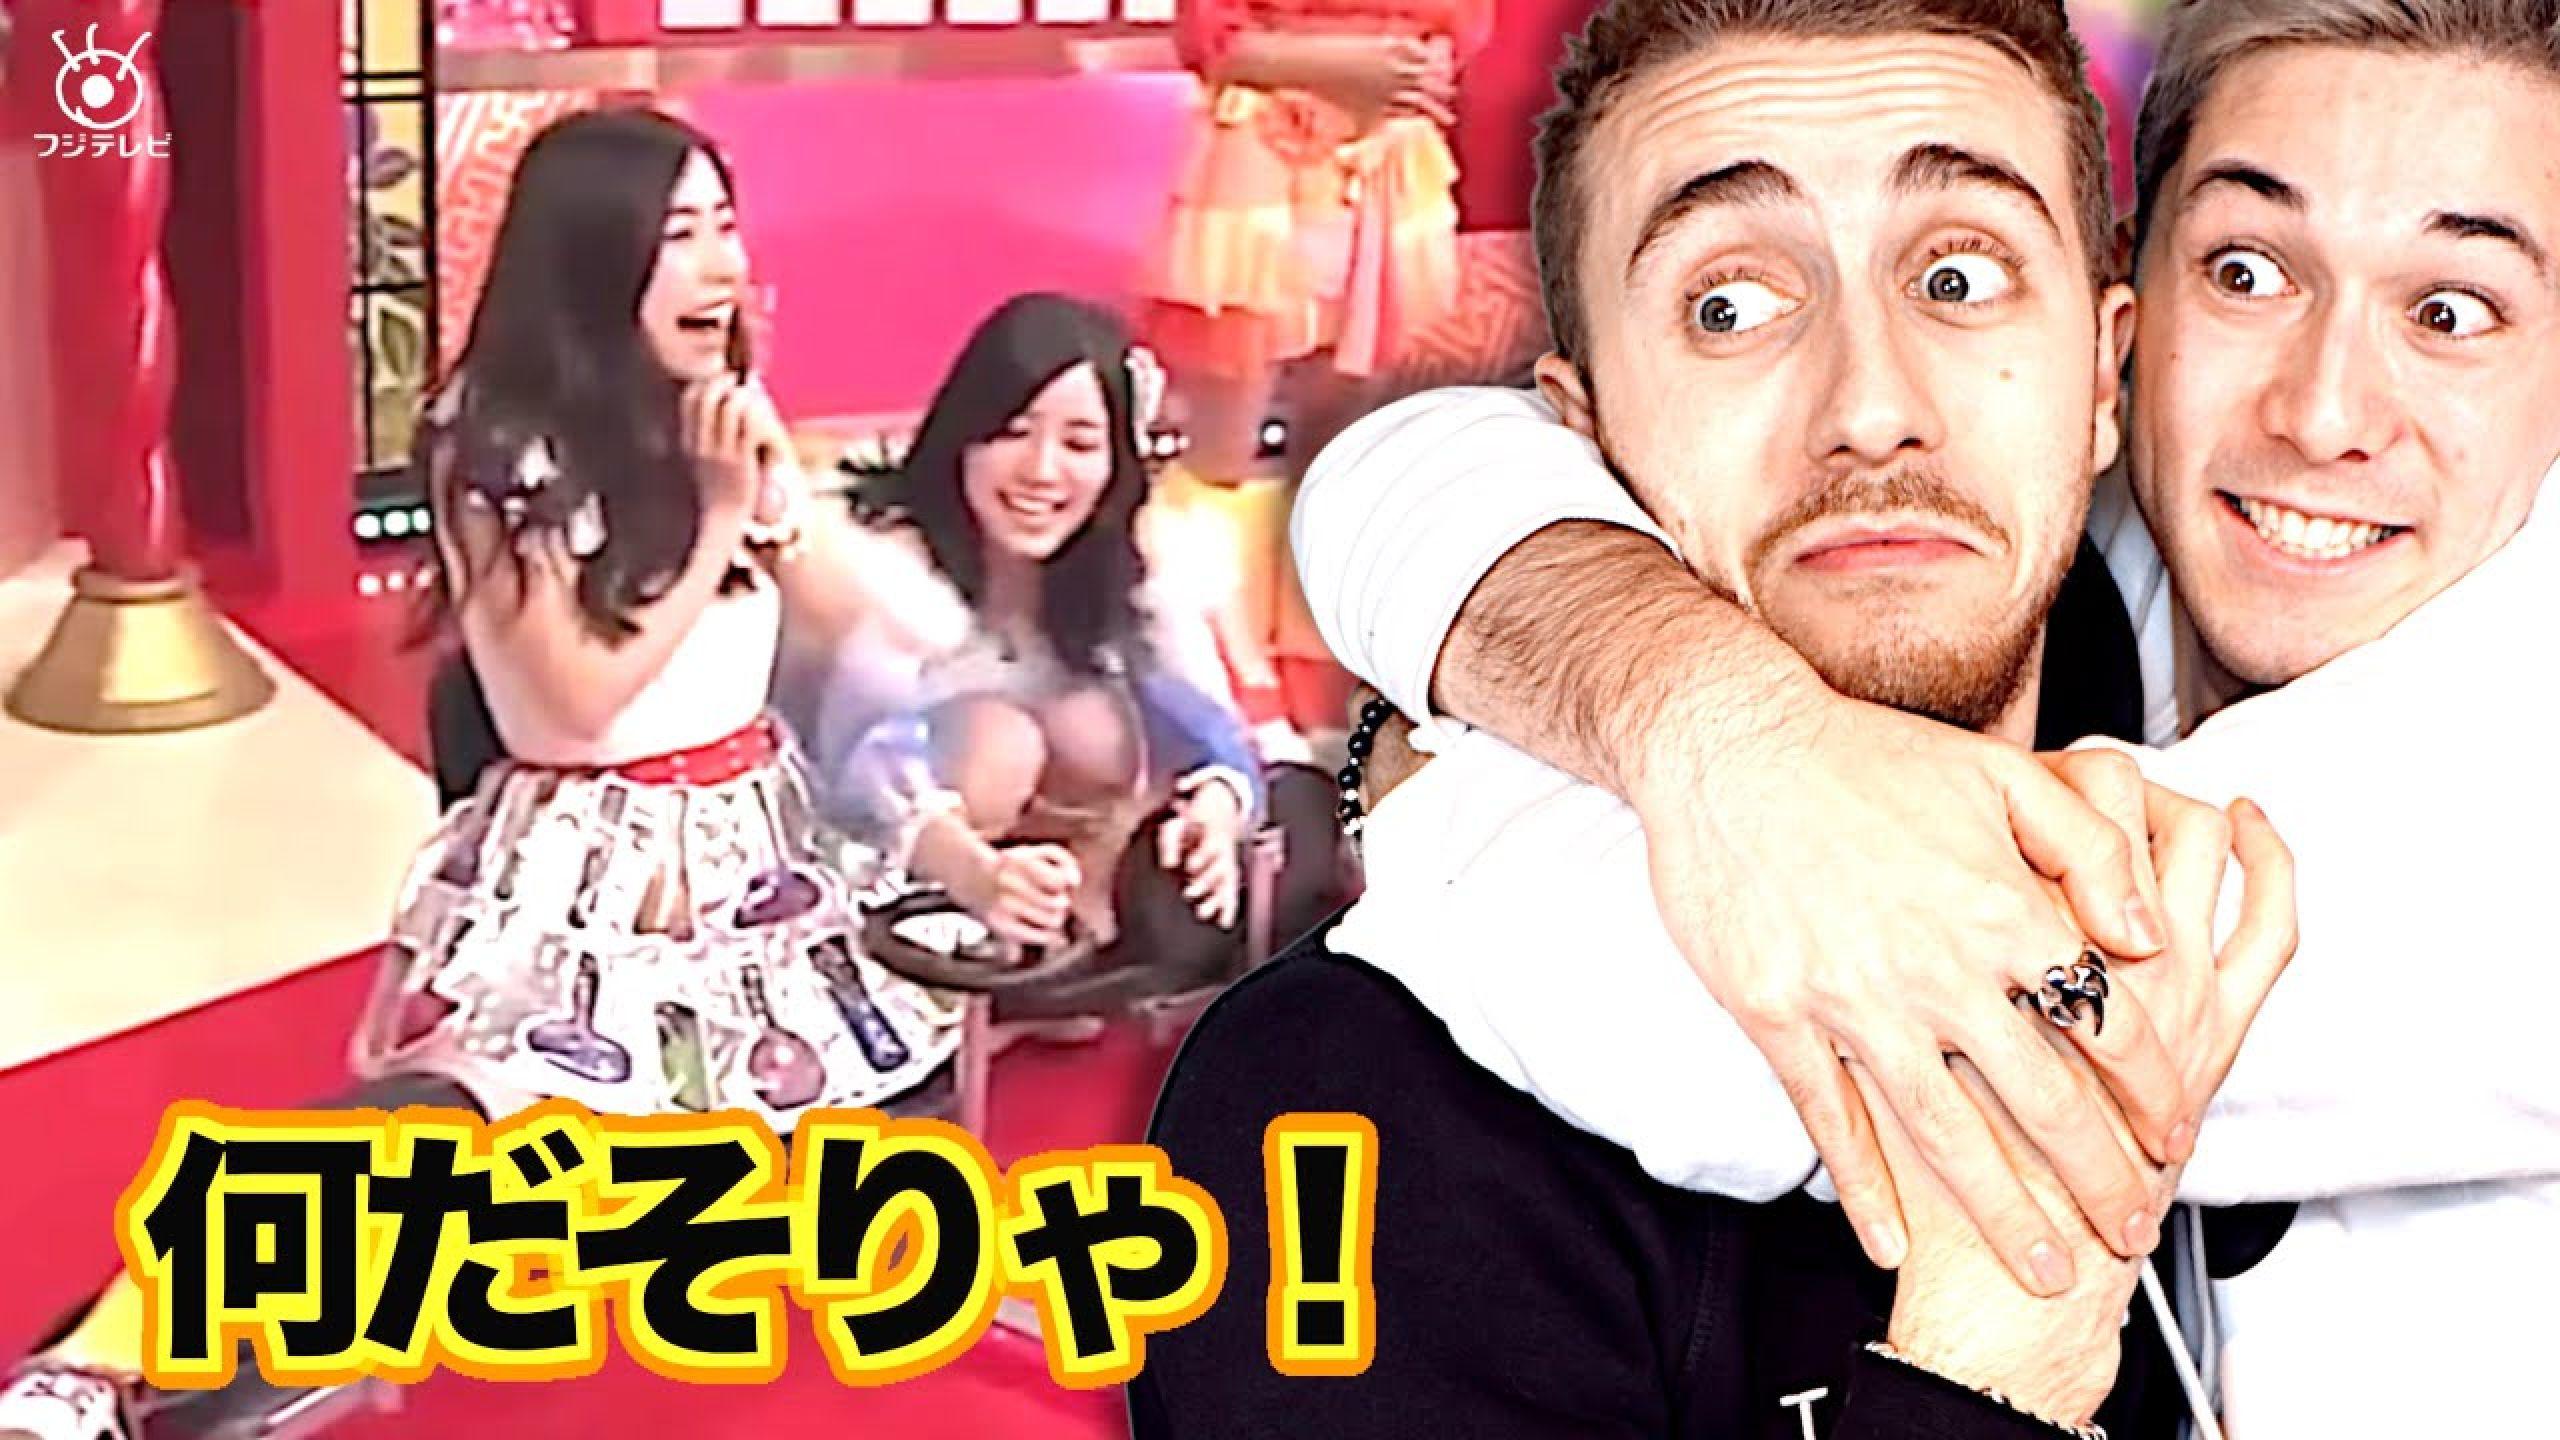 Les PIRES ÉMISSIONS TV JAPONAISES avec @Sora  📺